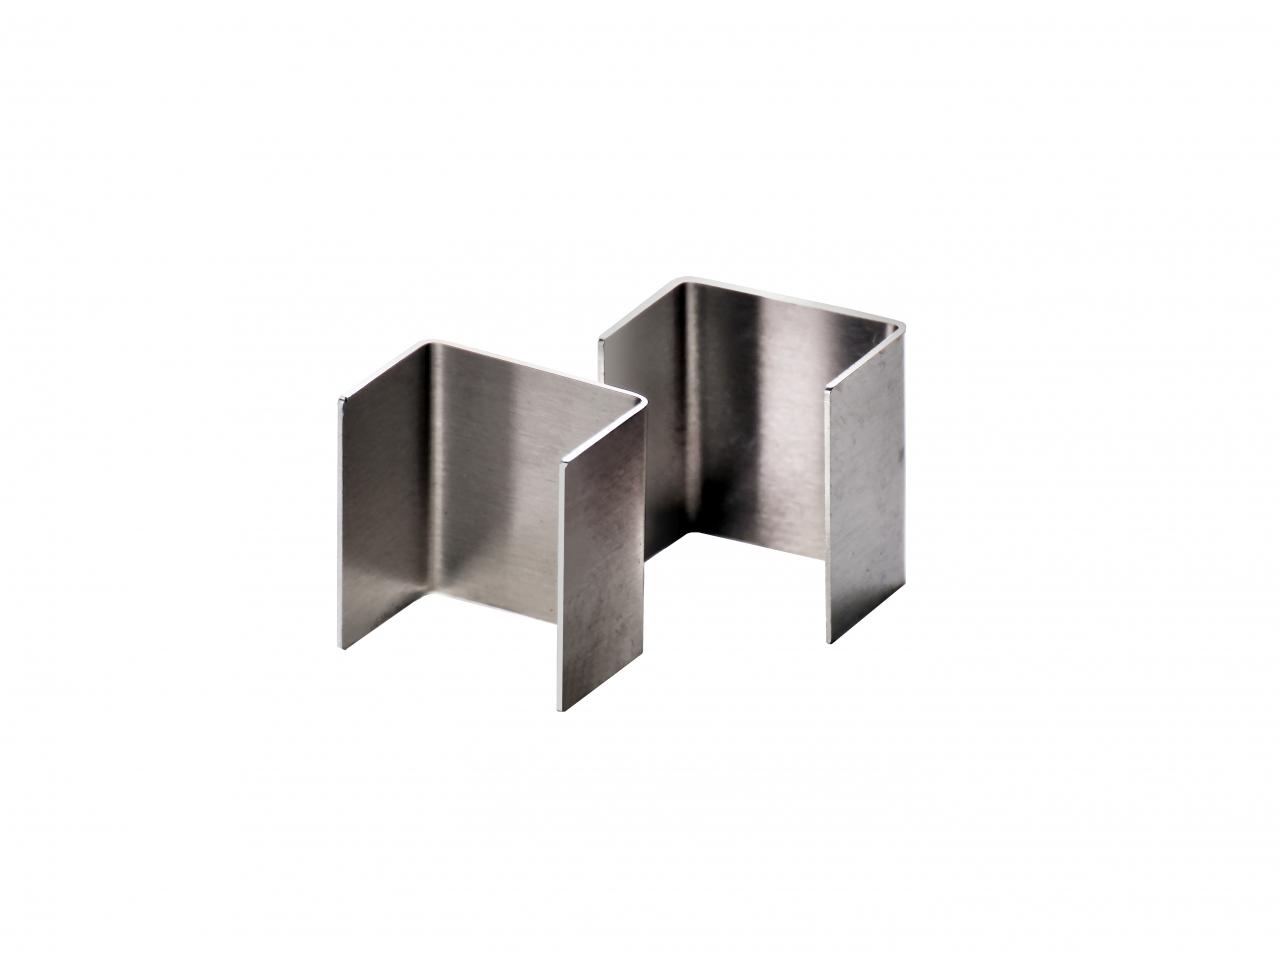 Verbinder für Fassadenrinnen in Aluminium